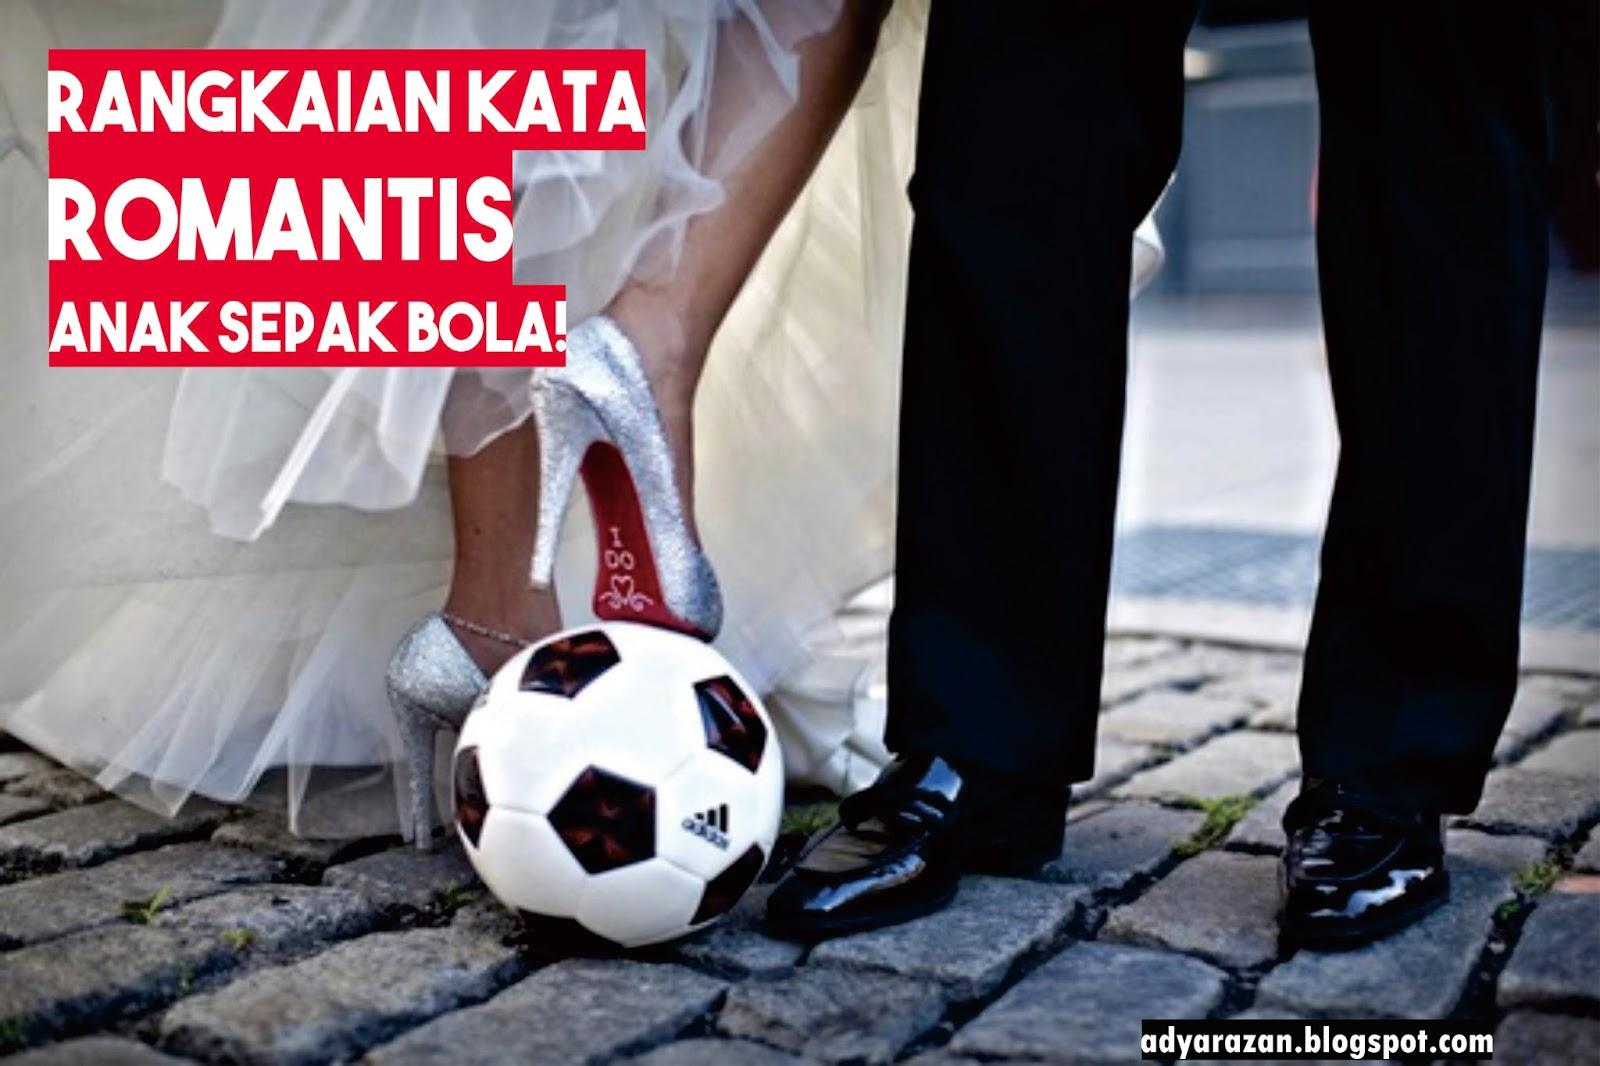 Rangkaian Kata Romantis Sepakbola, Anak Bola Check This One